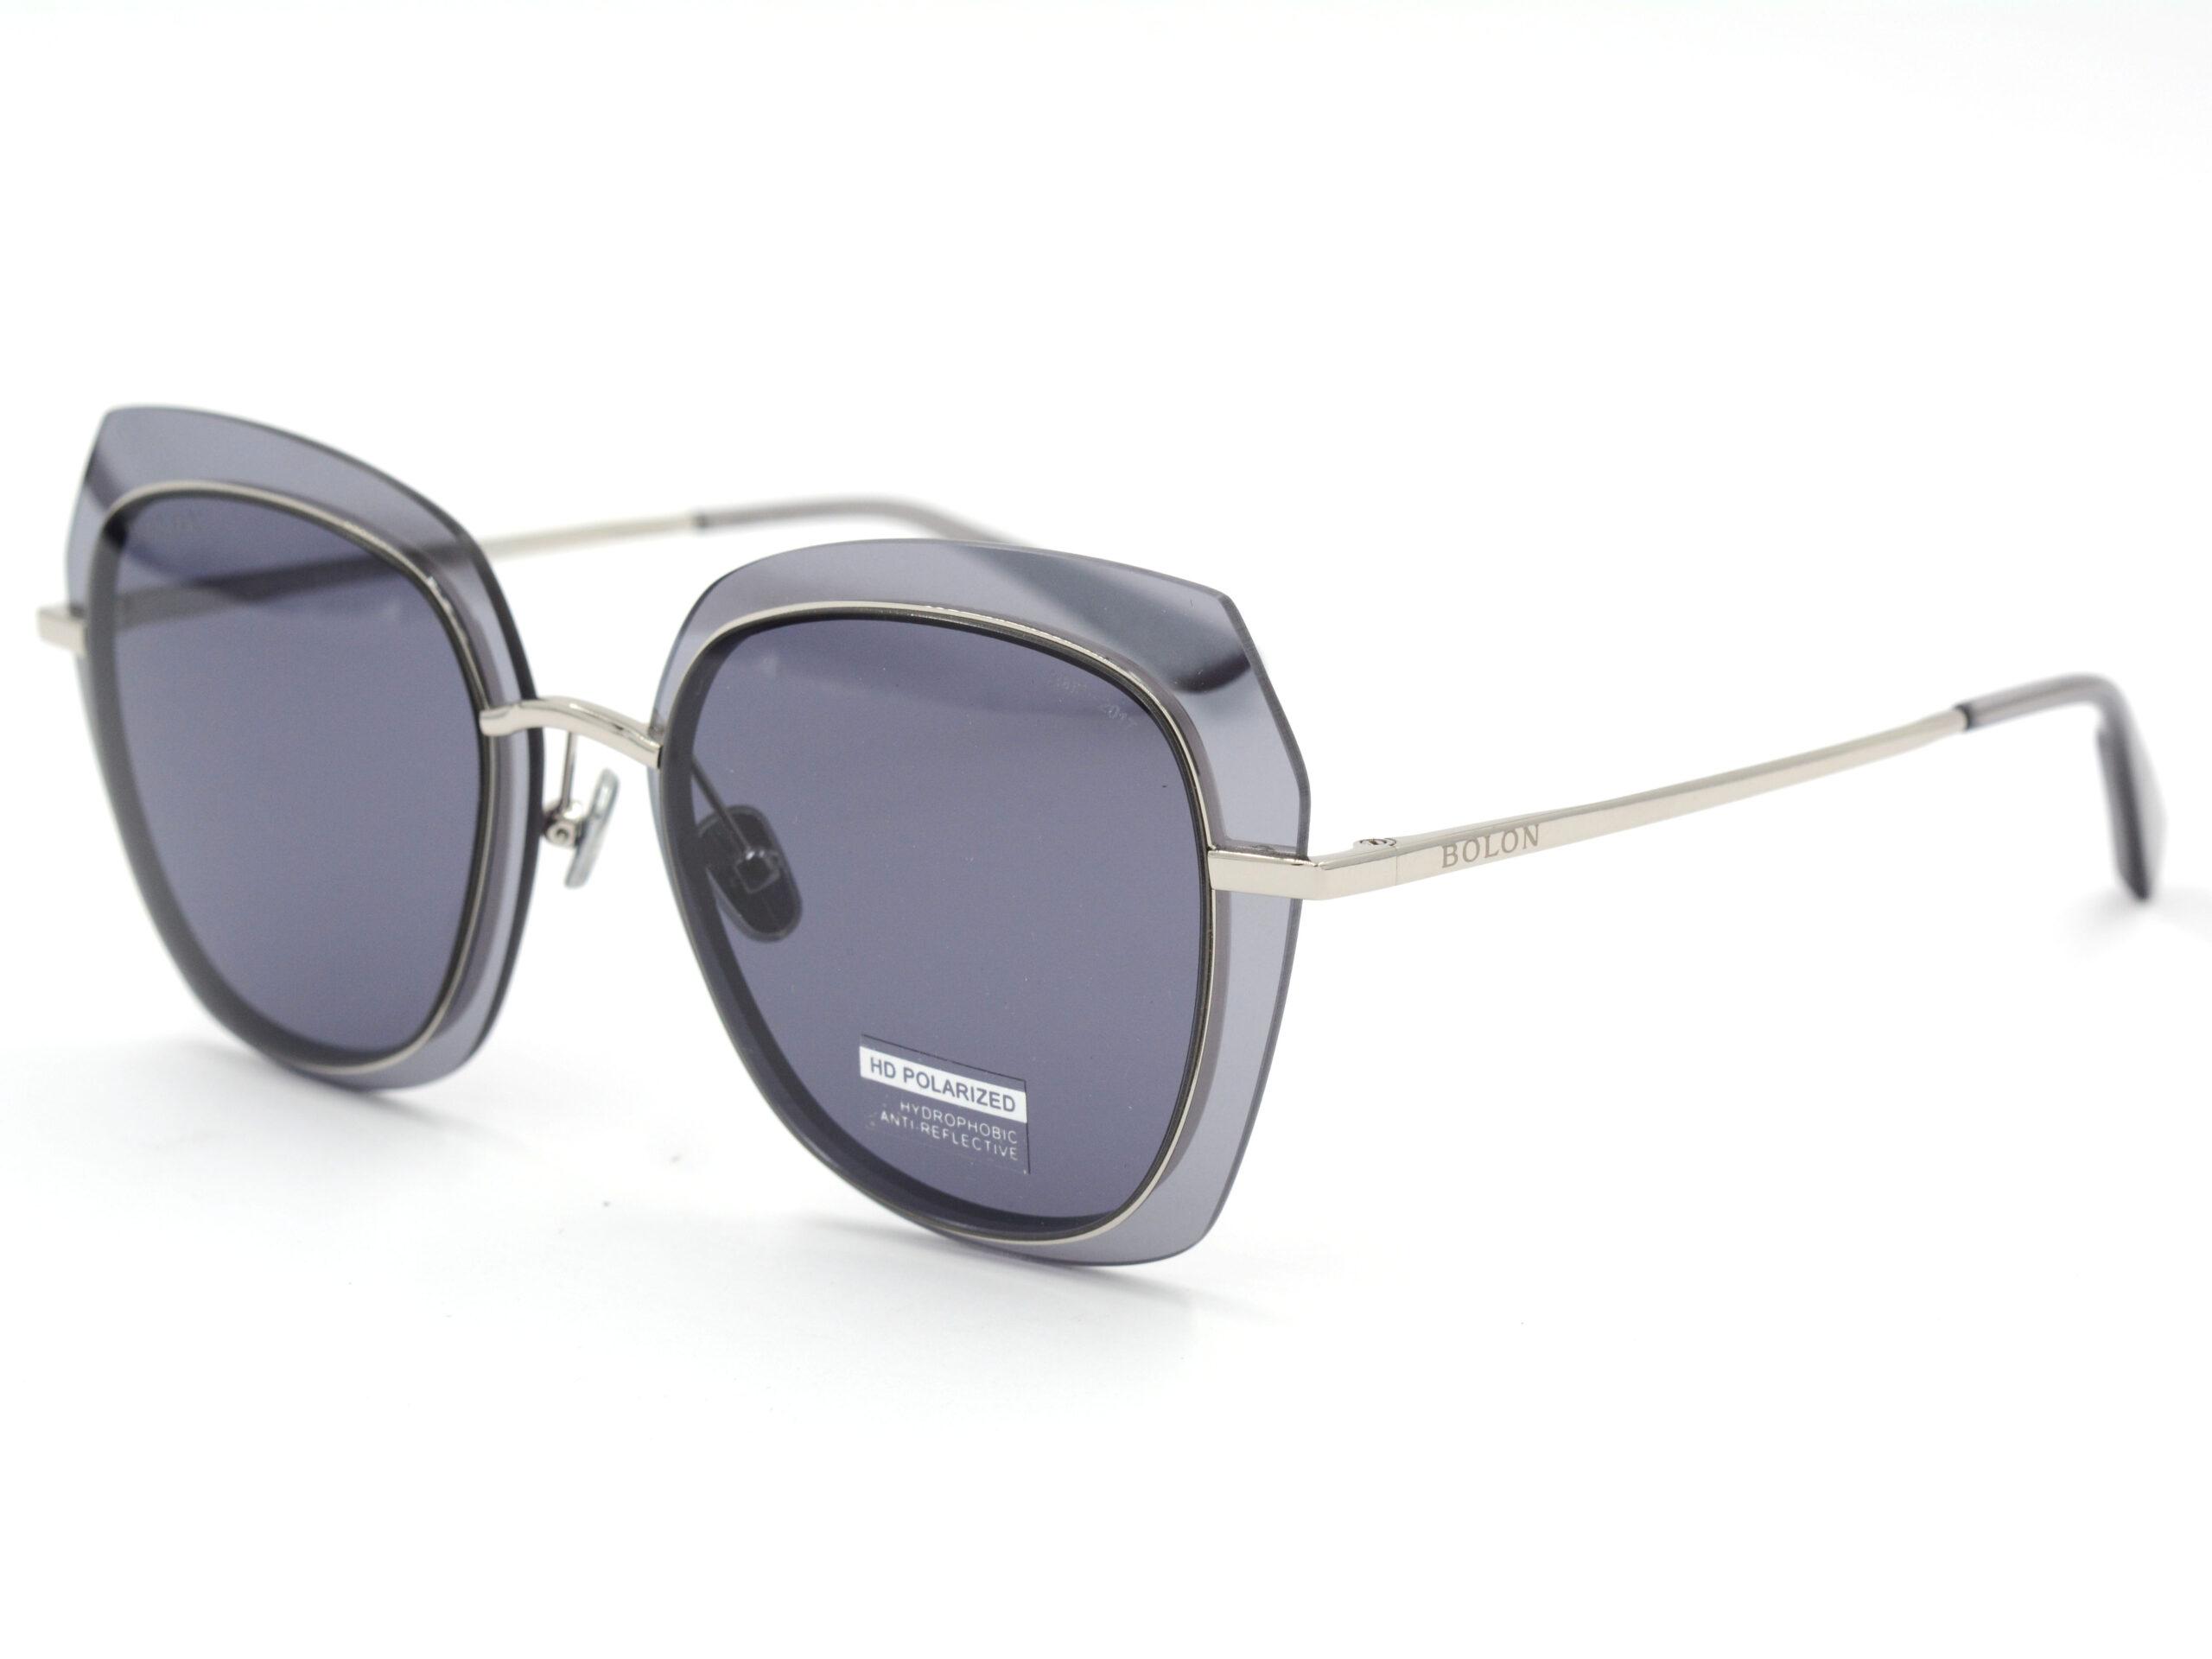 Sunglasses BOLON BL7007 C10 Women 2020